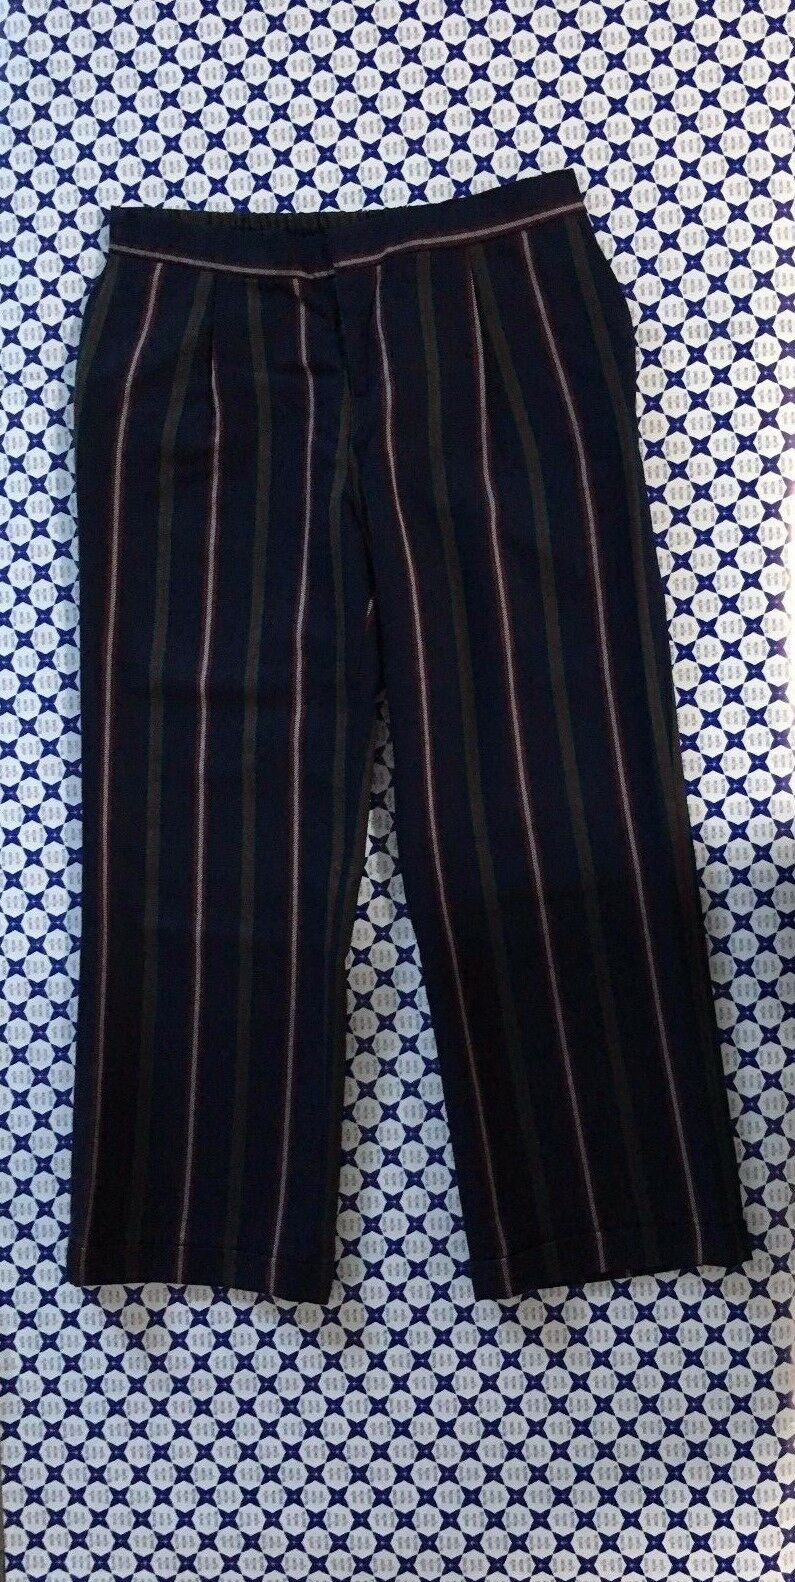 Pantalone SUN 68 women - Loungette Lana Righe - blue green - P2722